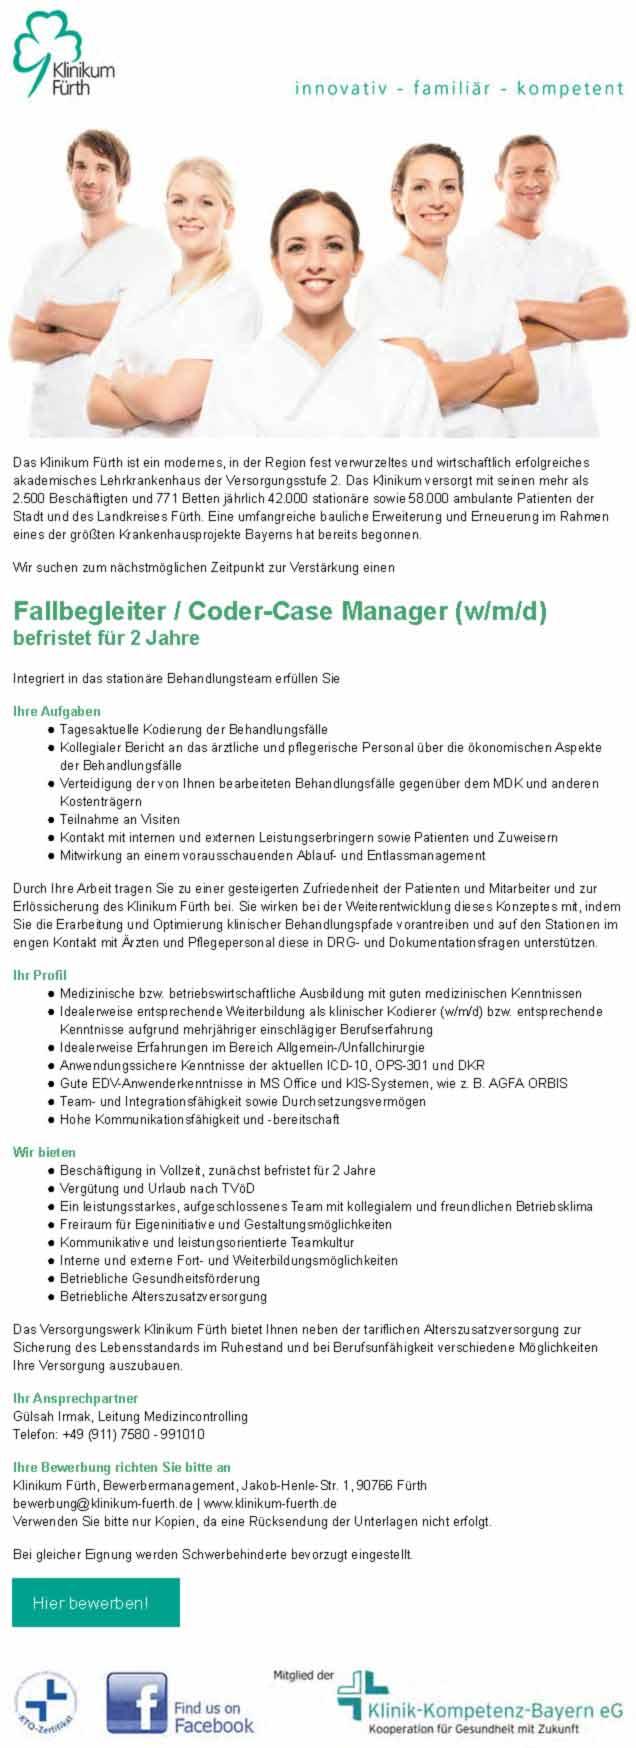 Klinikum Fürth: Fallbegleiter / Coder-Case Manager (w/m/d)